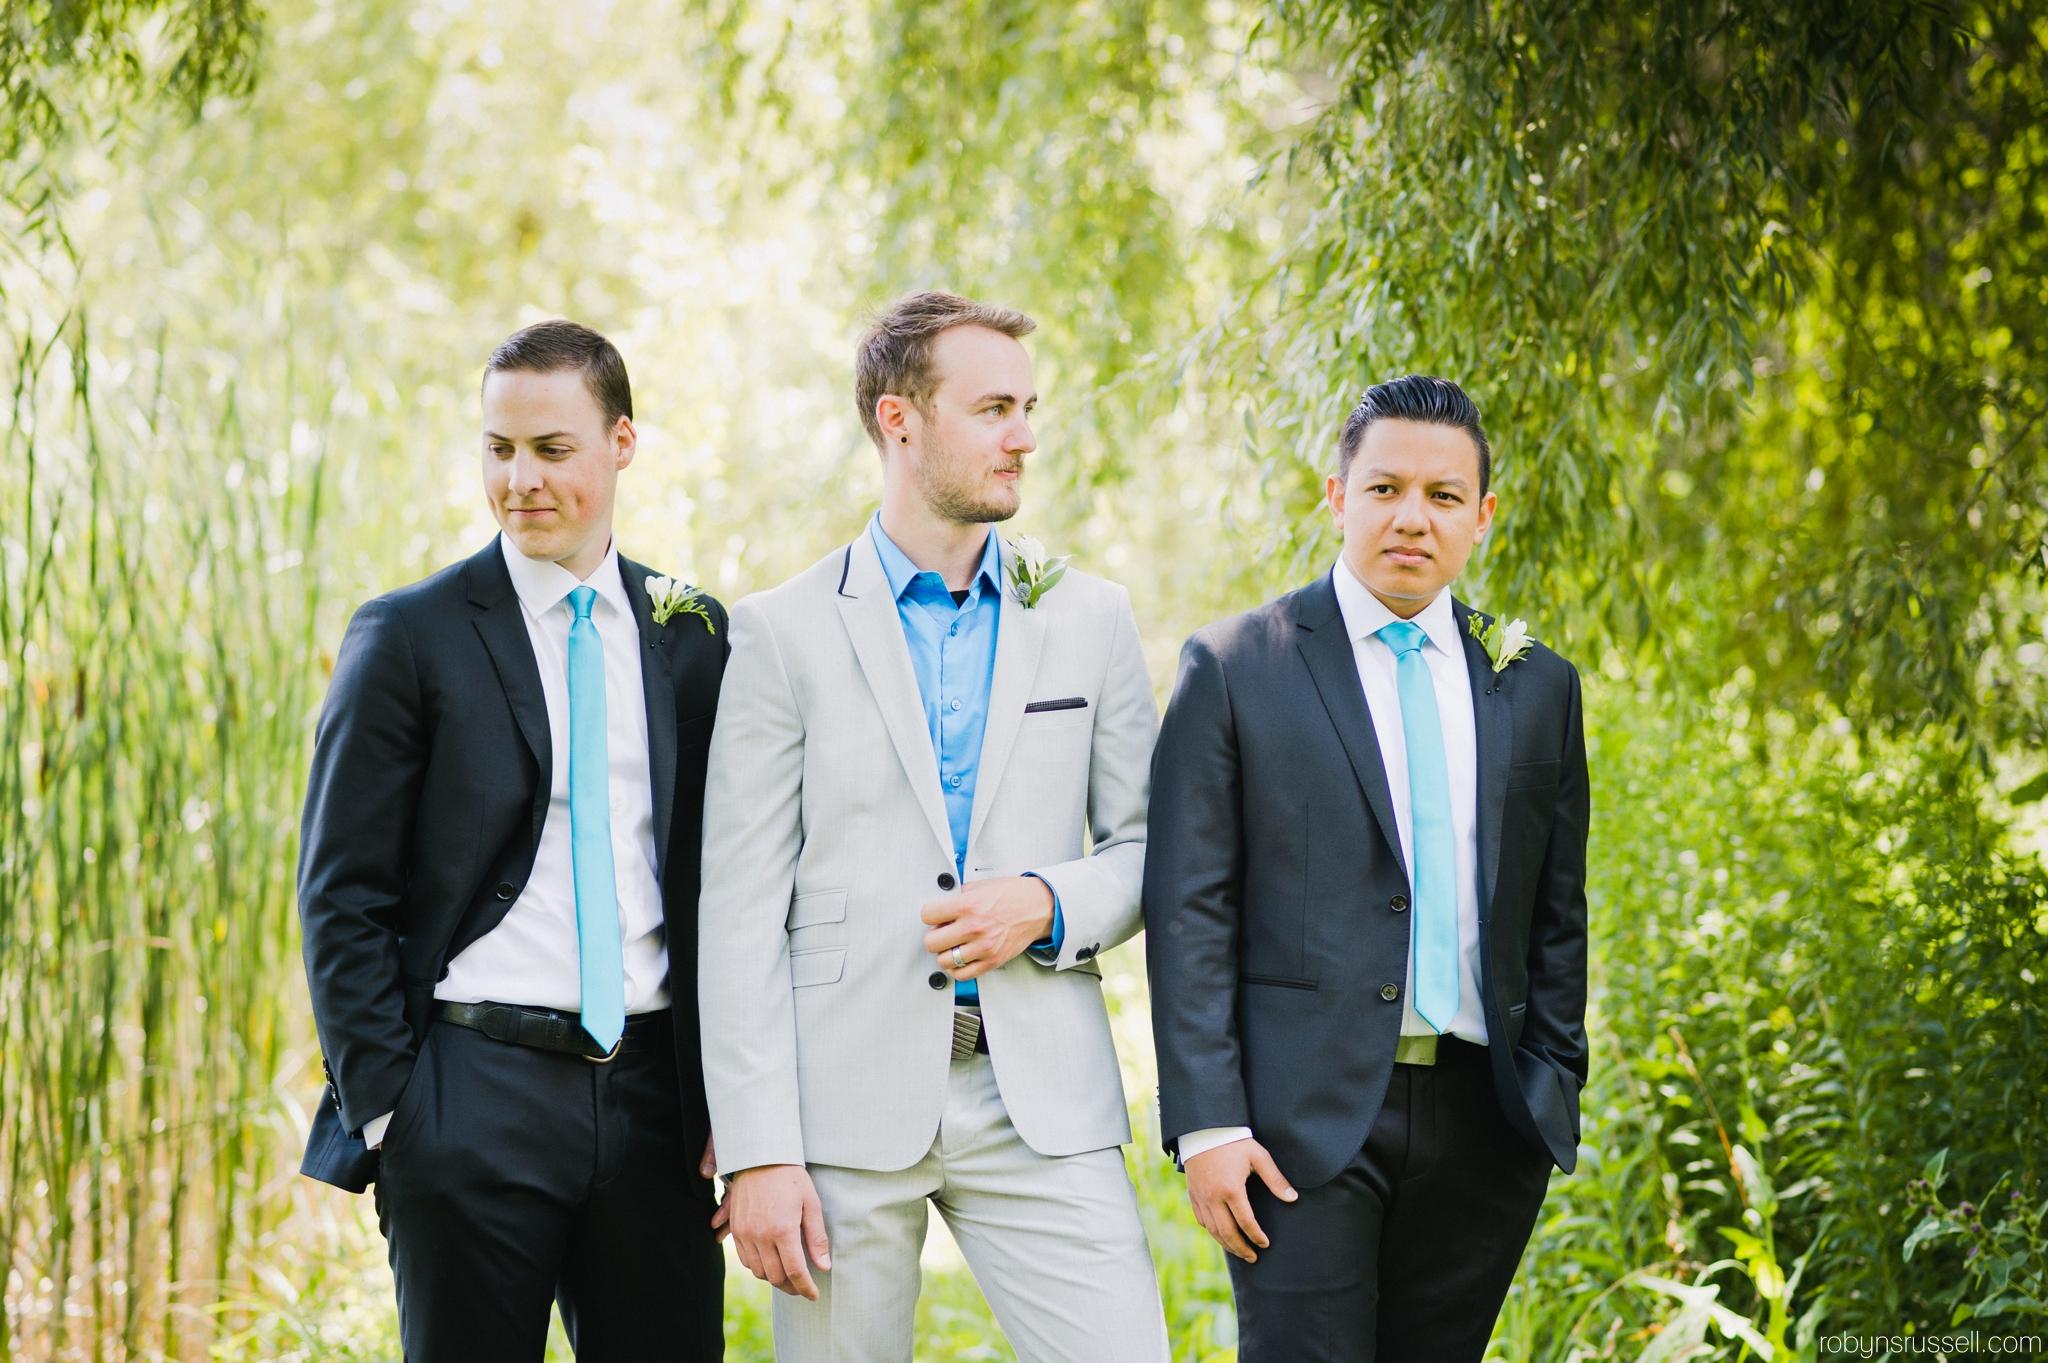 24-handsome-groom-and-groomsmen.jpg